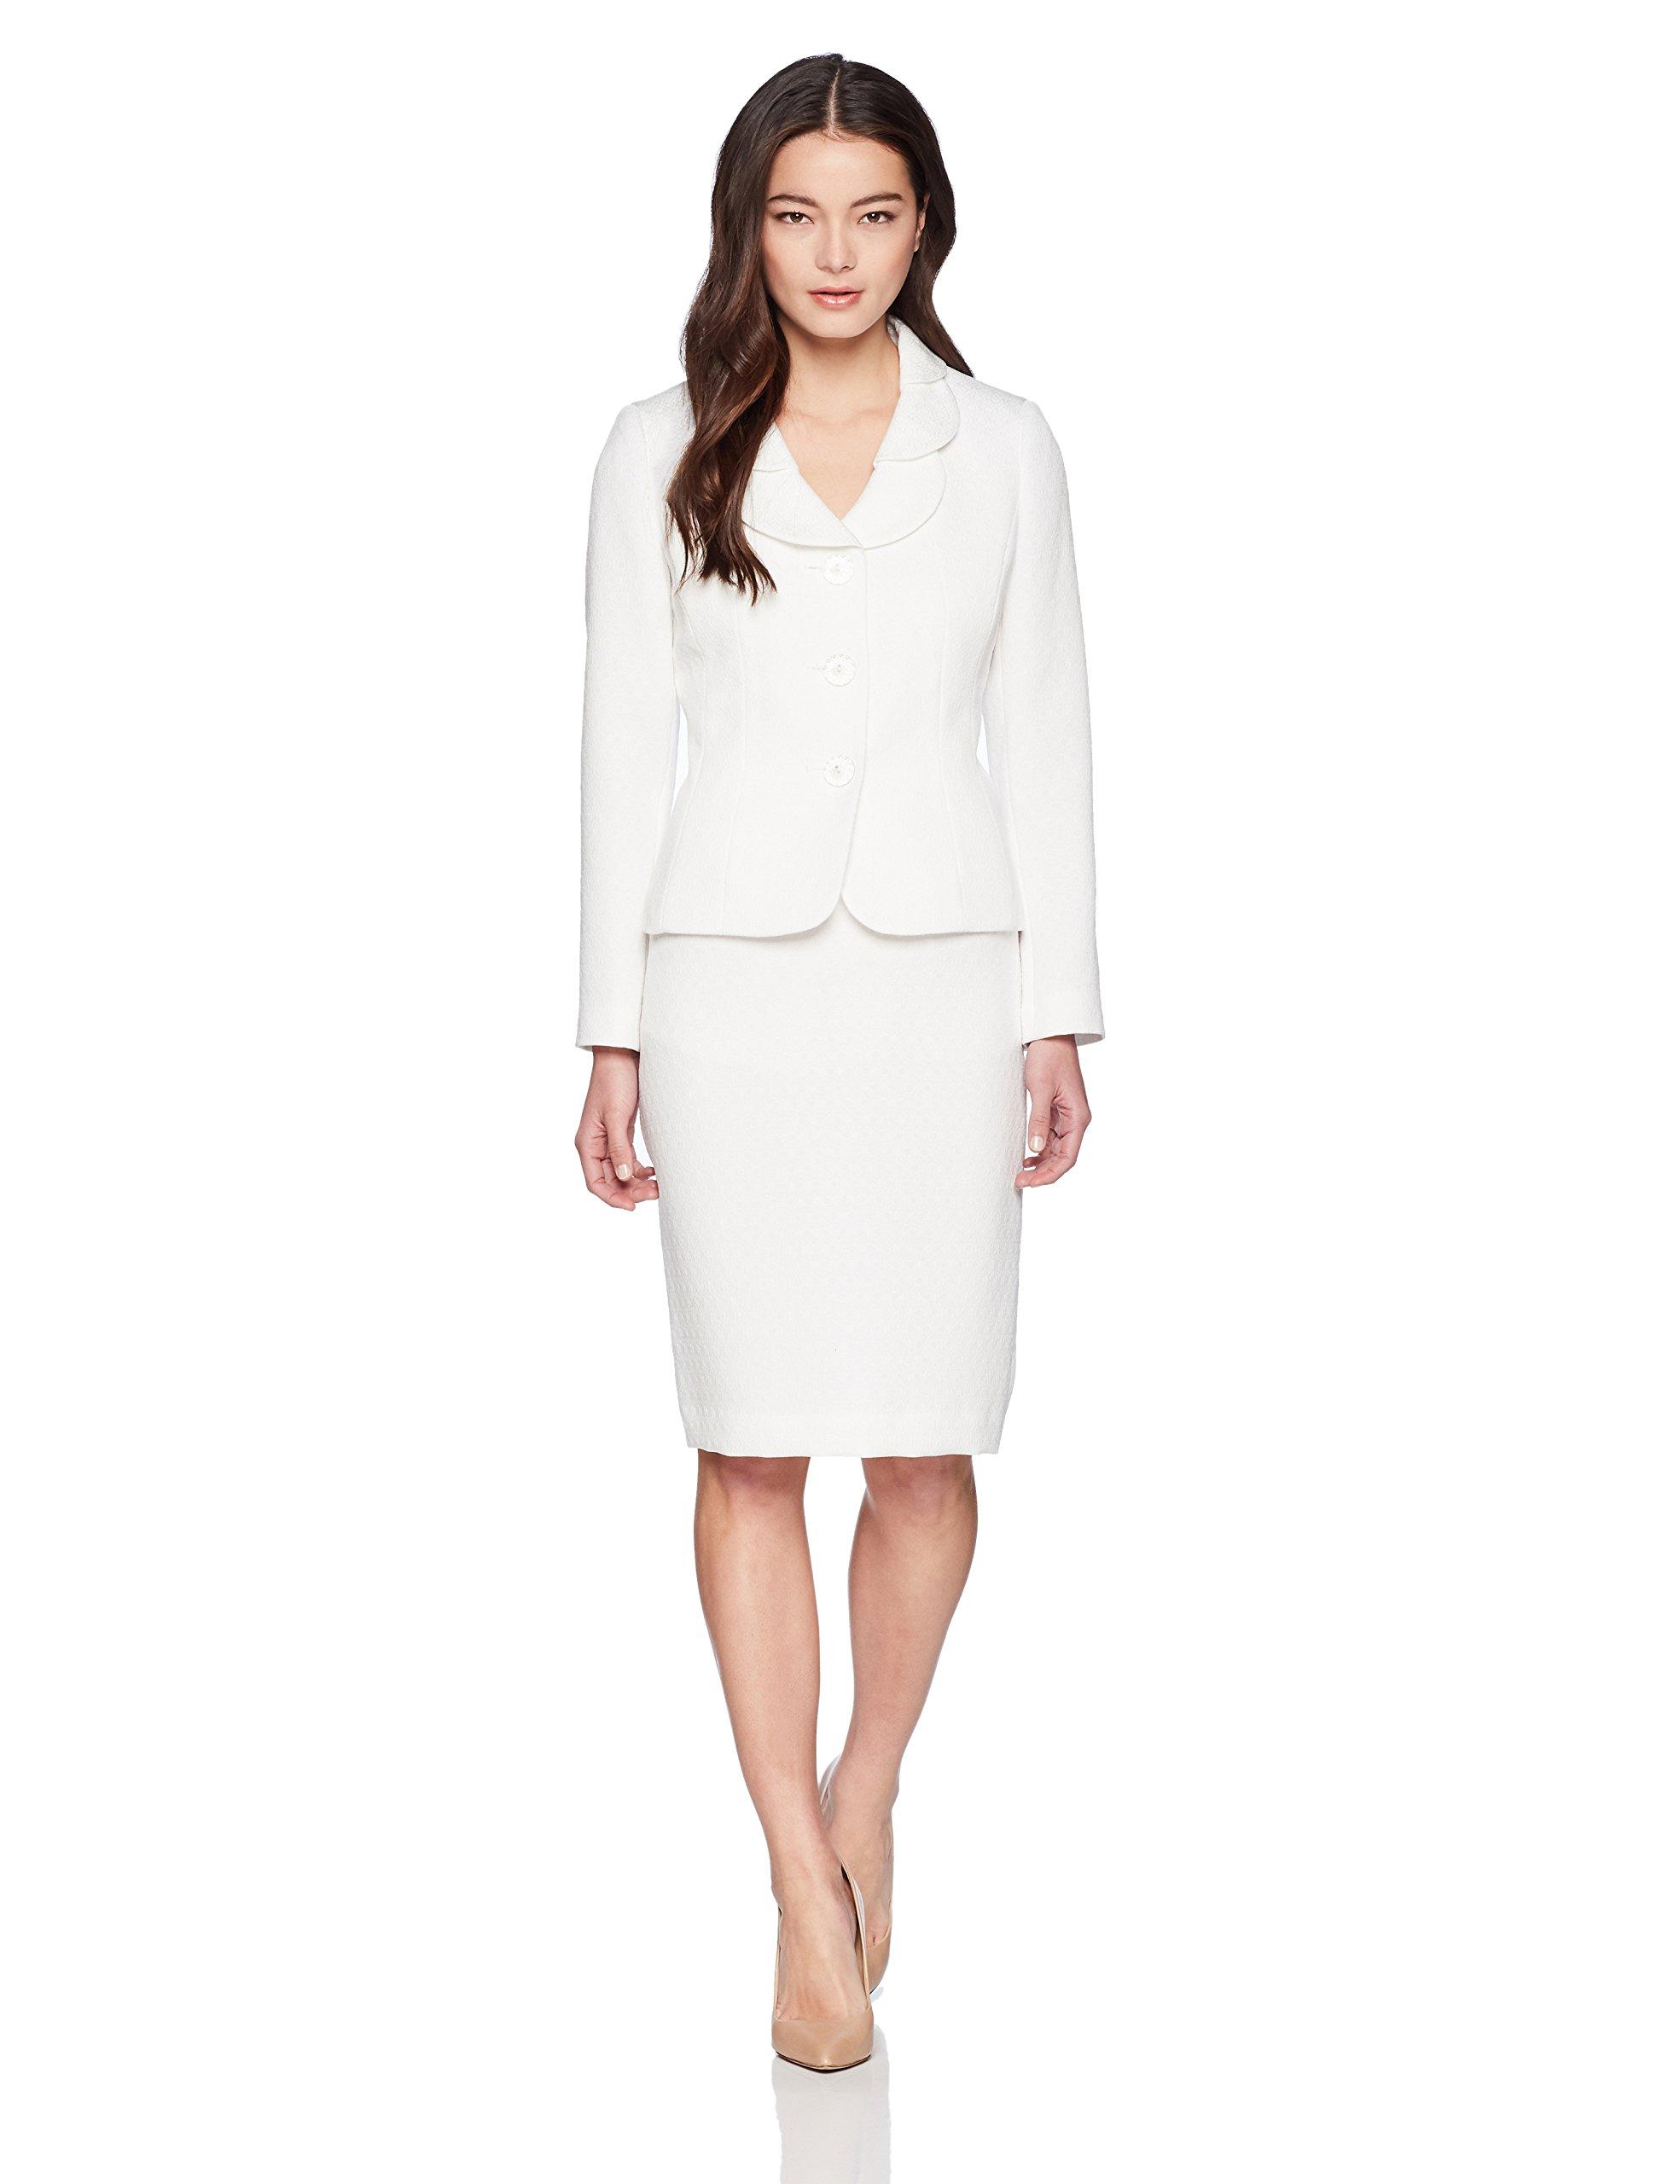 Le Suit Women's Petite Eyelet Jacquard 3 Bttn Petal Collar Suit, White, 12P by Le Suit (Image #1)